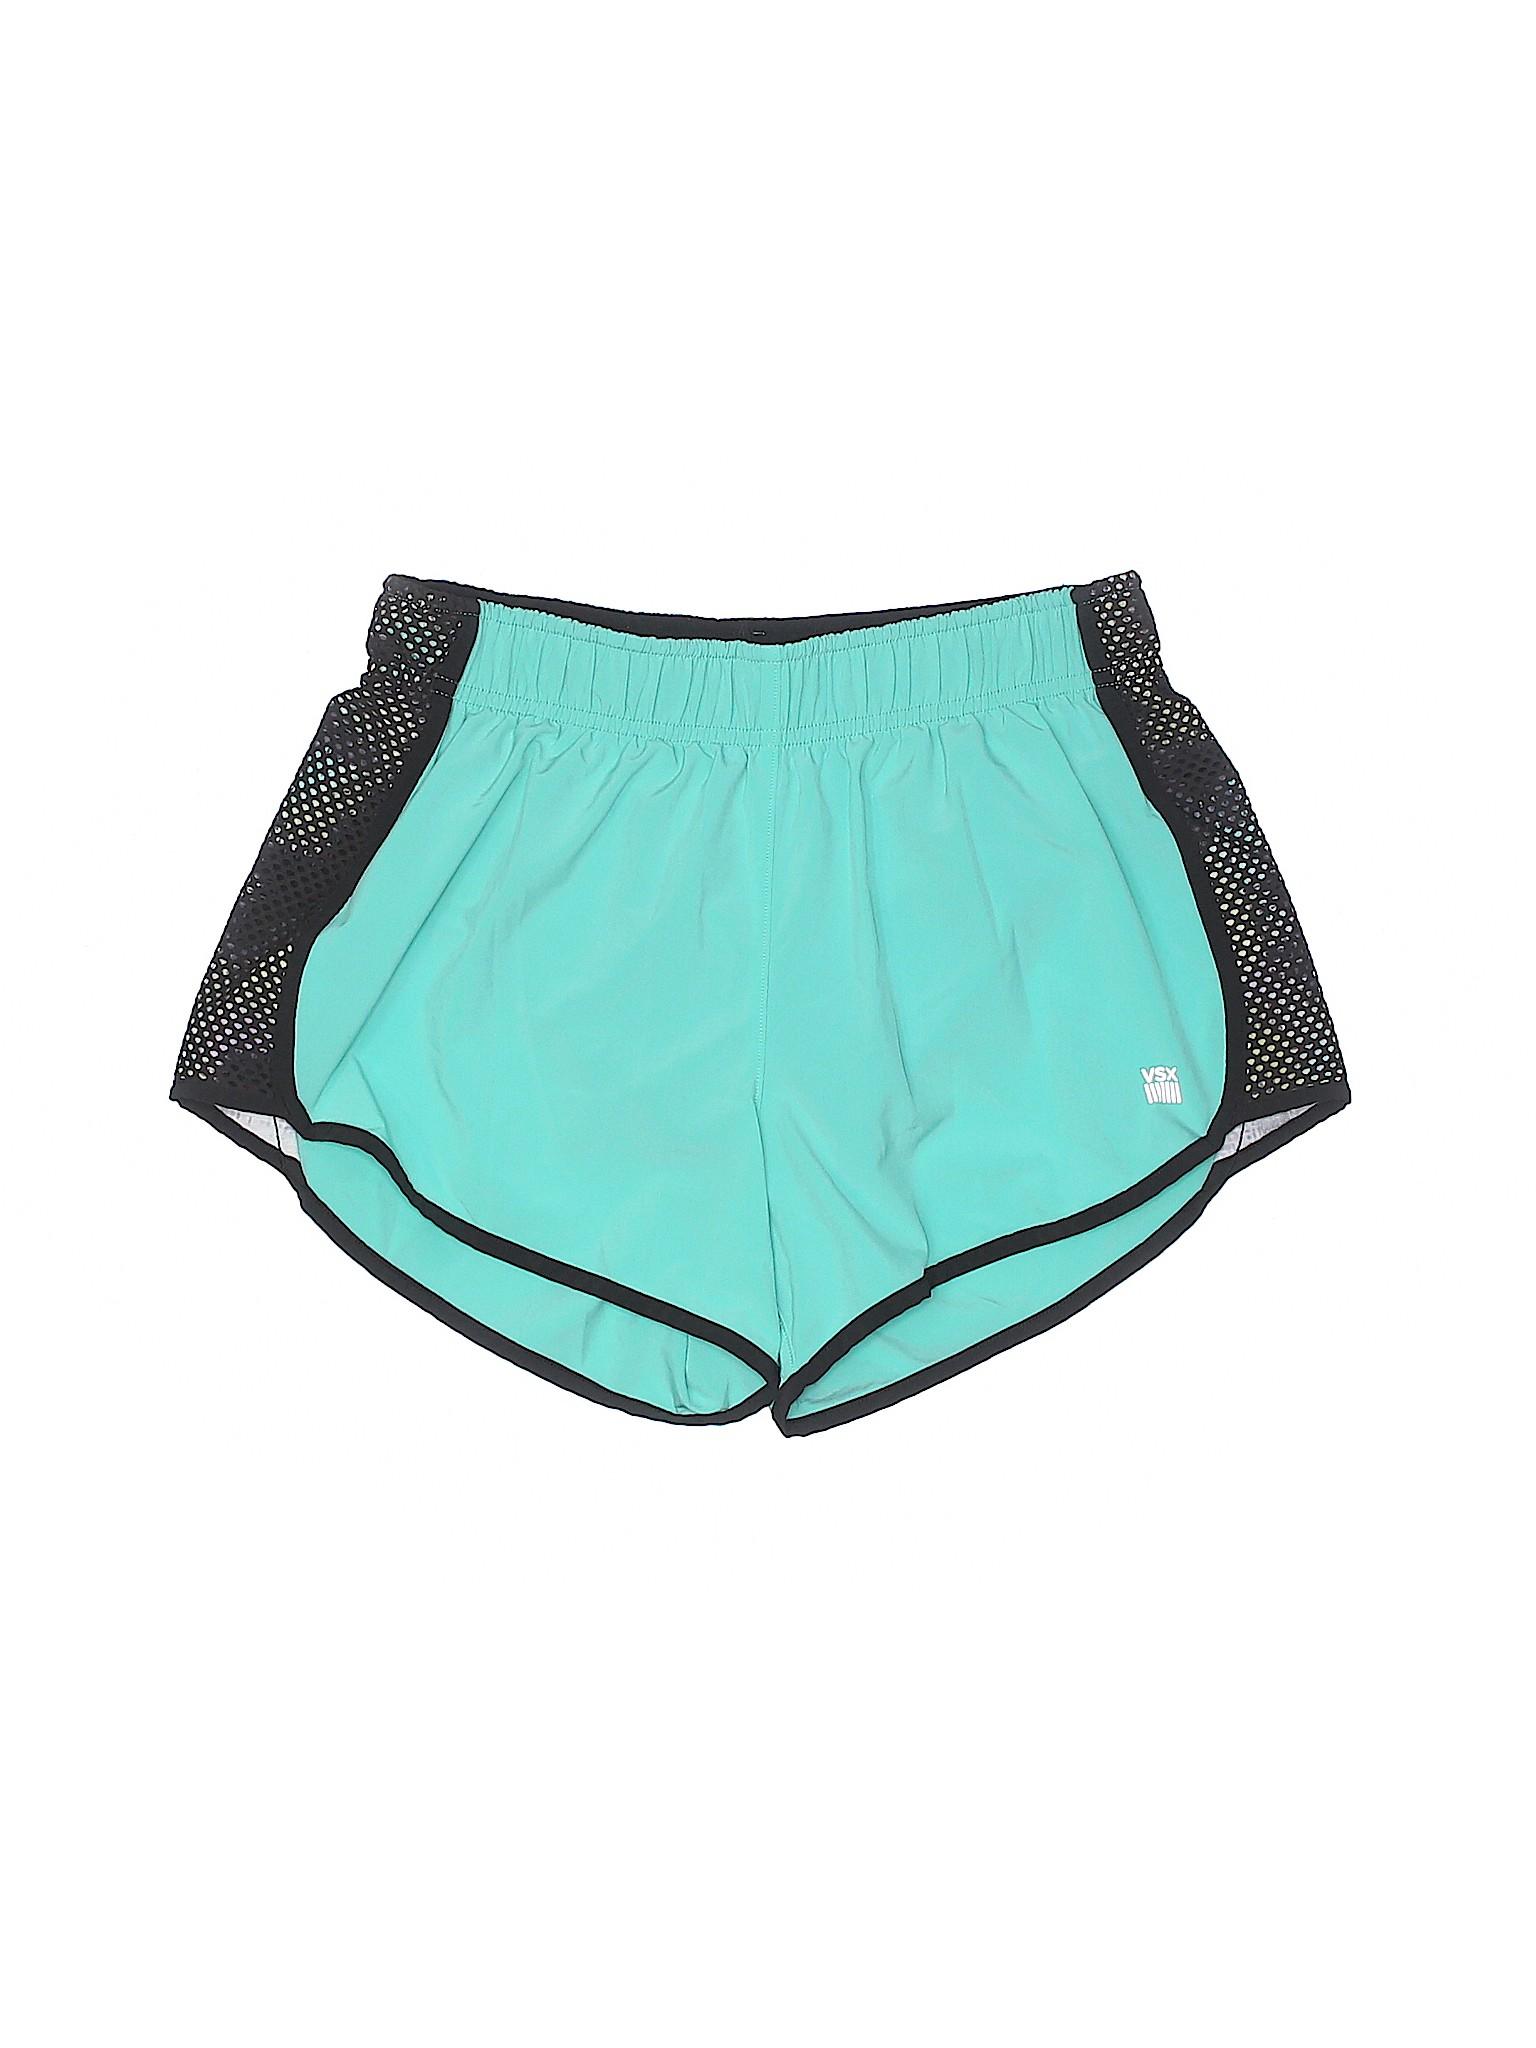 Sport Boutique Boutique VSX VSX Shorts Athletic qYwq0vt